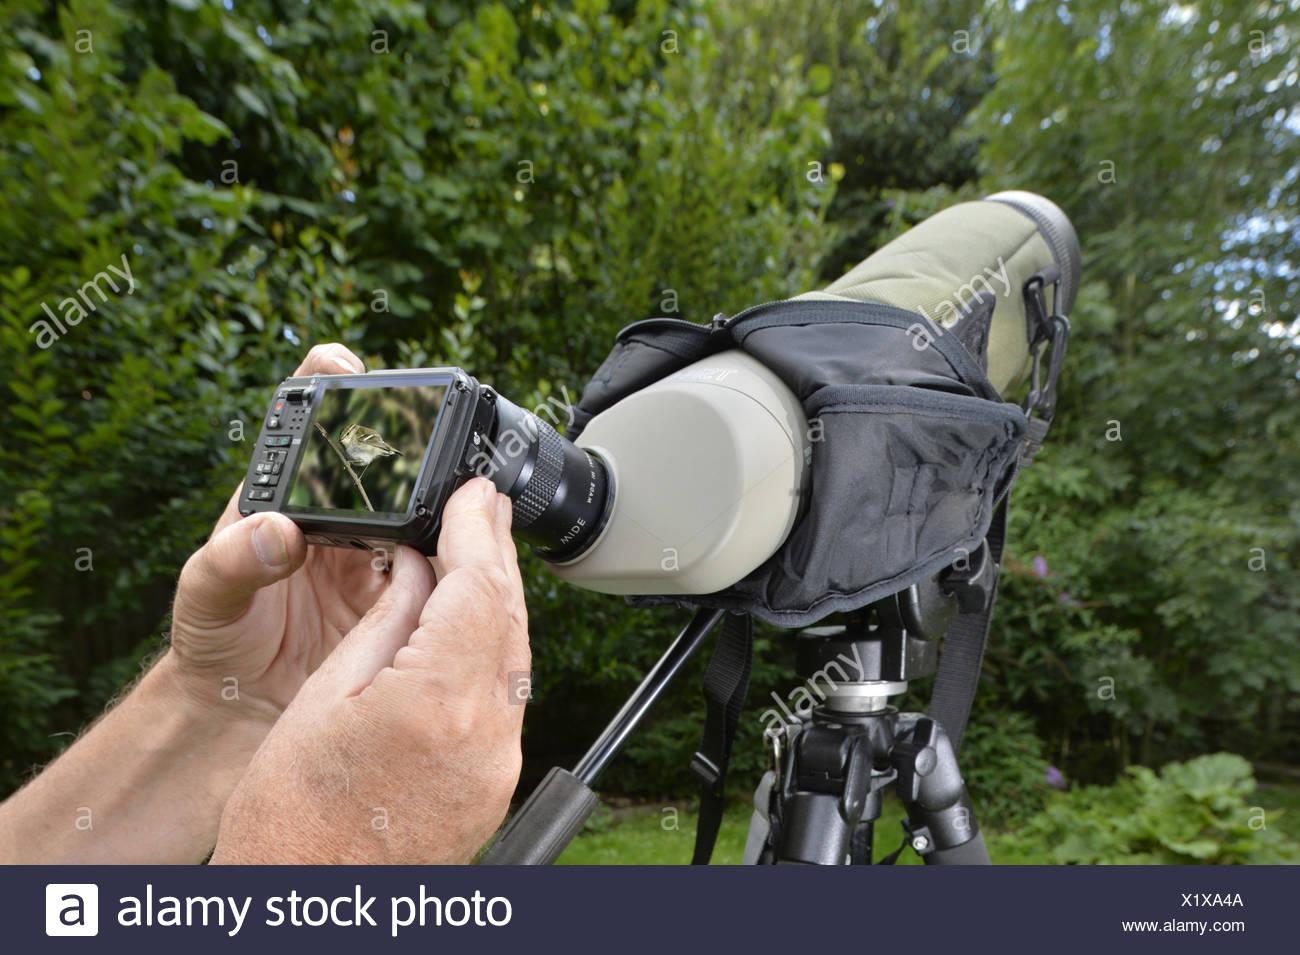 Digiscoping - toma una imagen digital a través de un birder's alcance Imagen De Stock